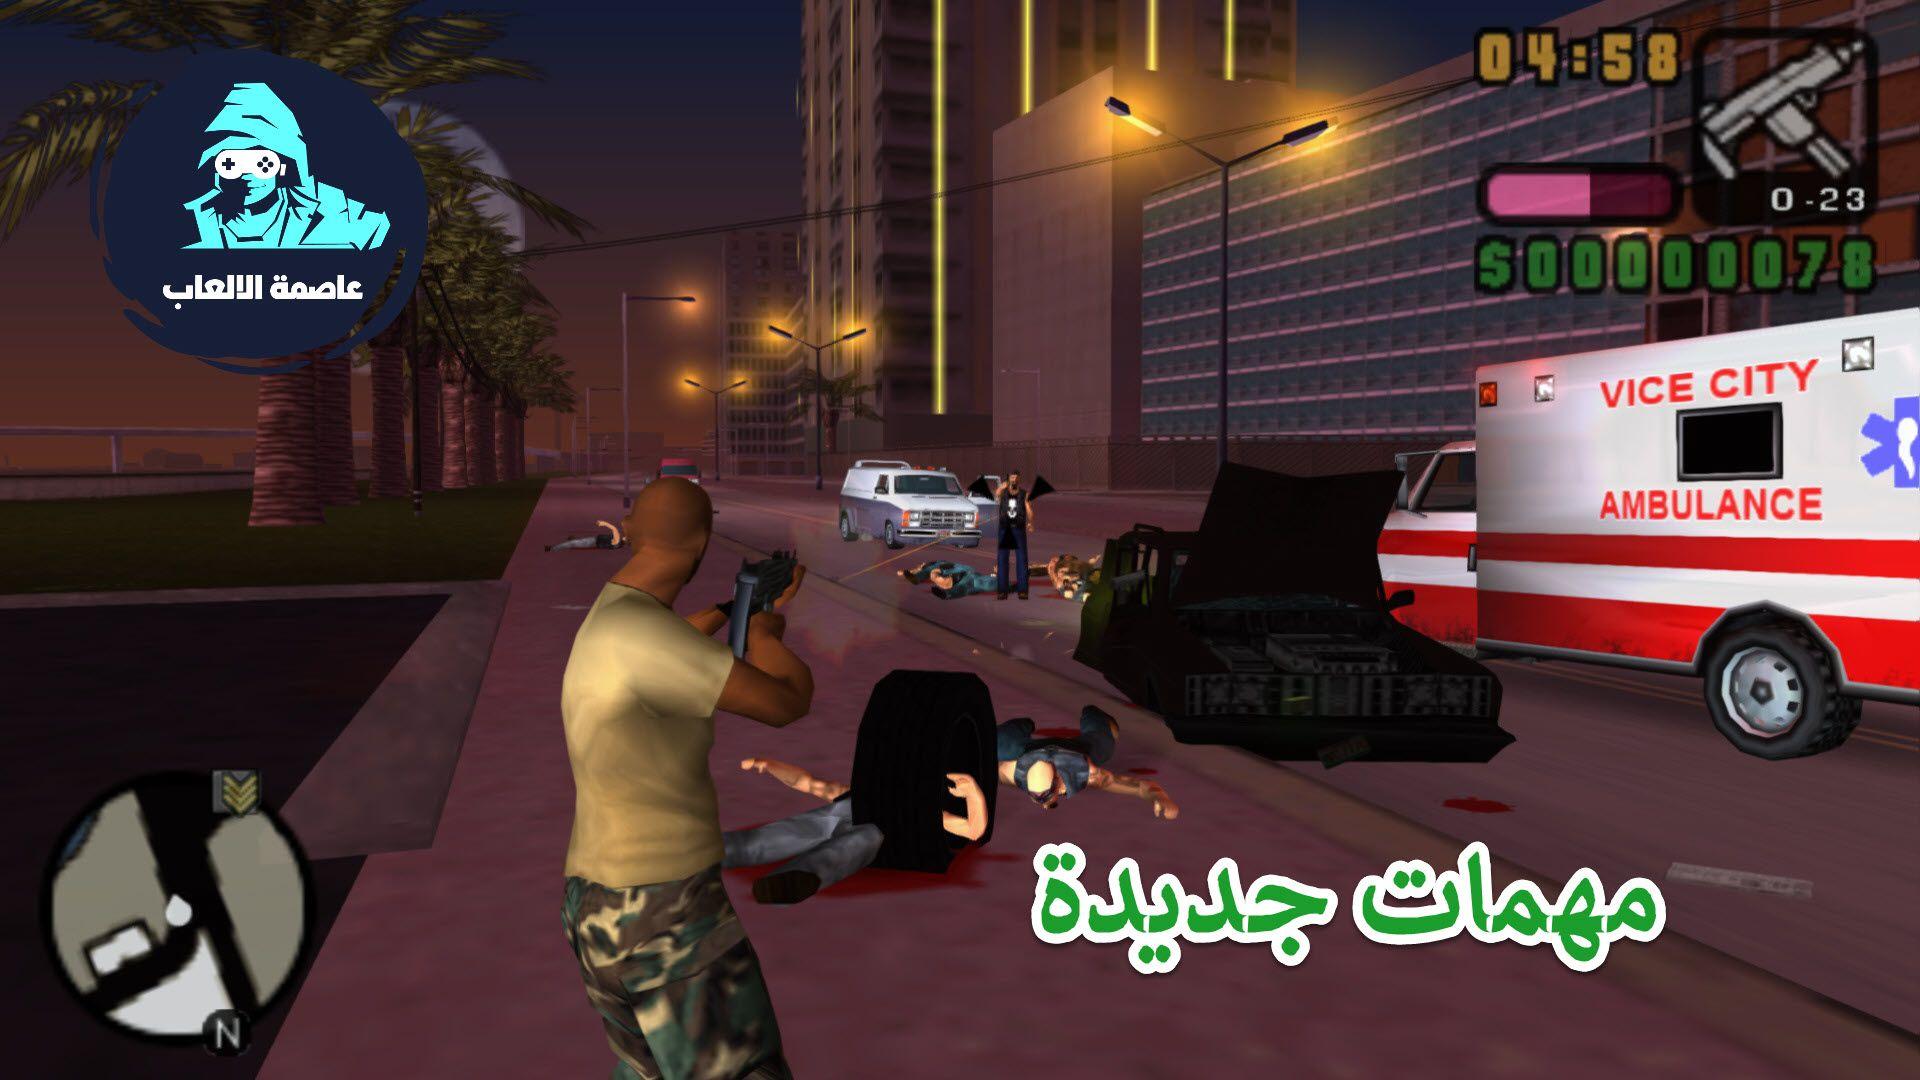 Pin by الافضل للعرب on pc games تحميل العاب كمبيوتر كامله